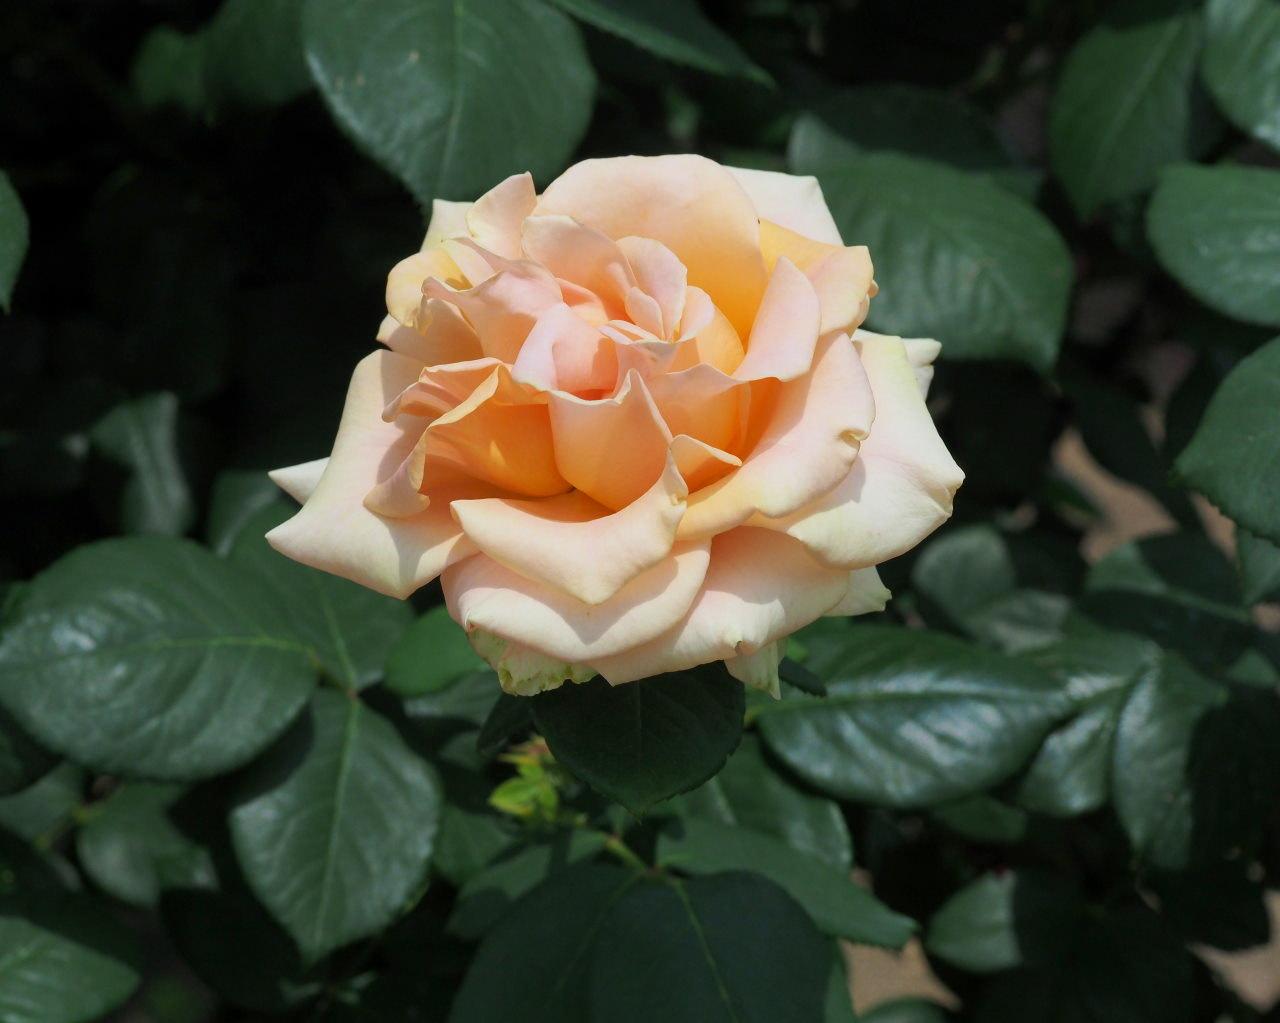 バラ園で残り花_c0305565_17235525.jpg